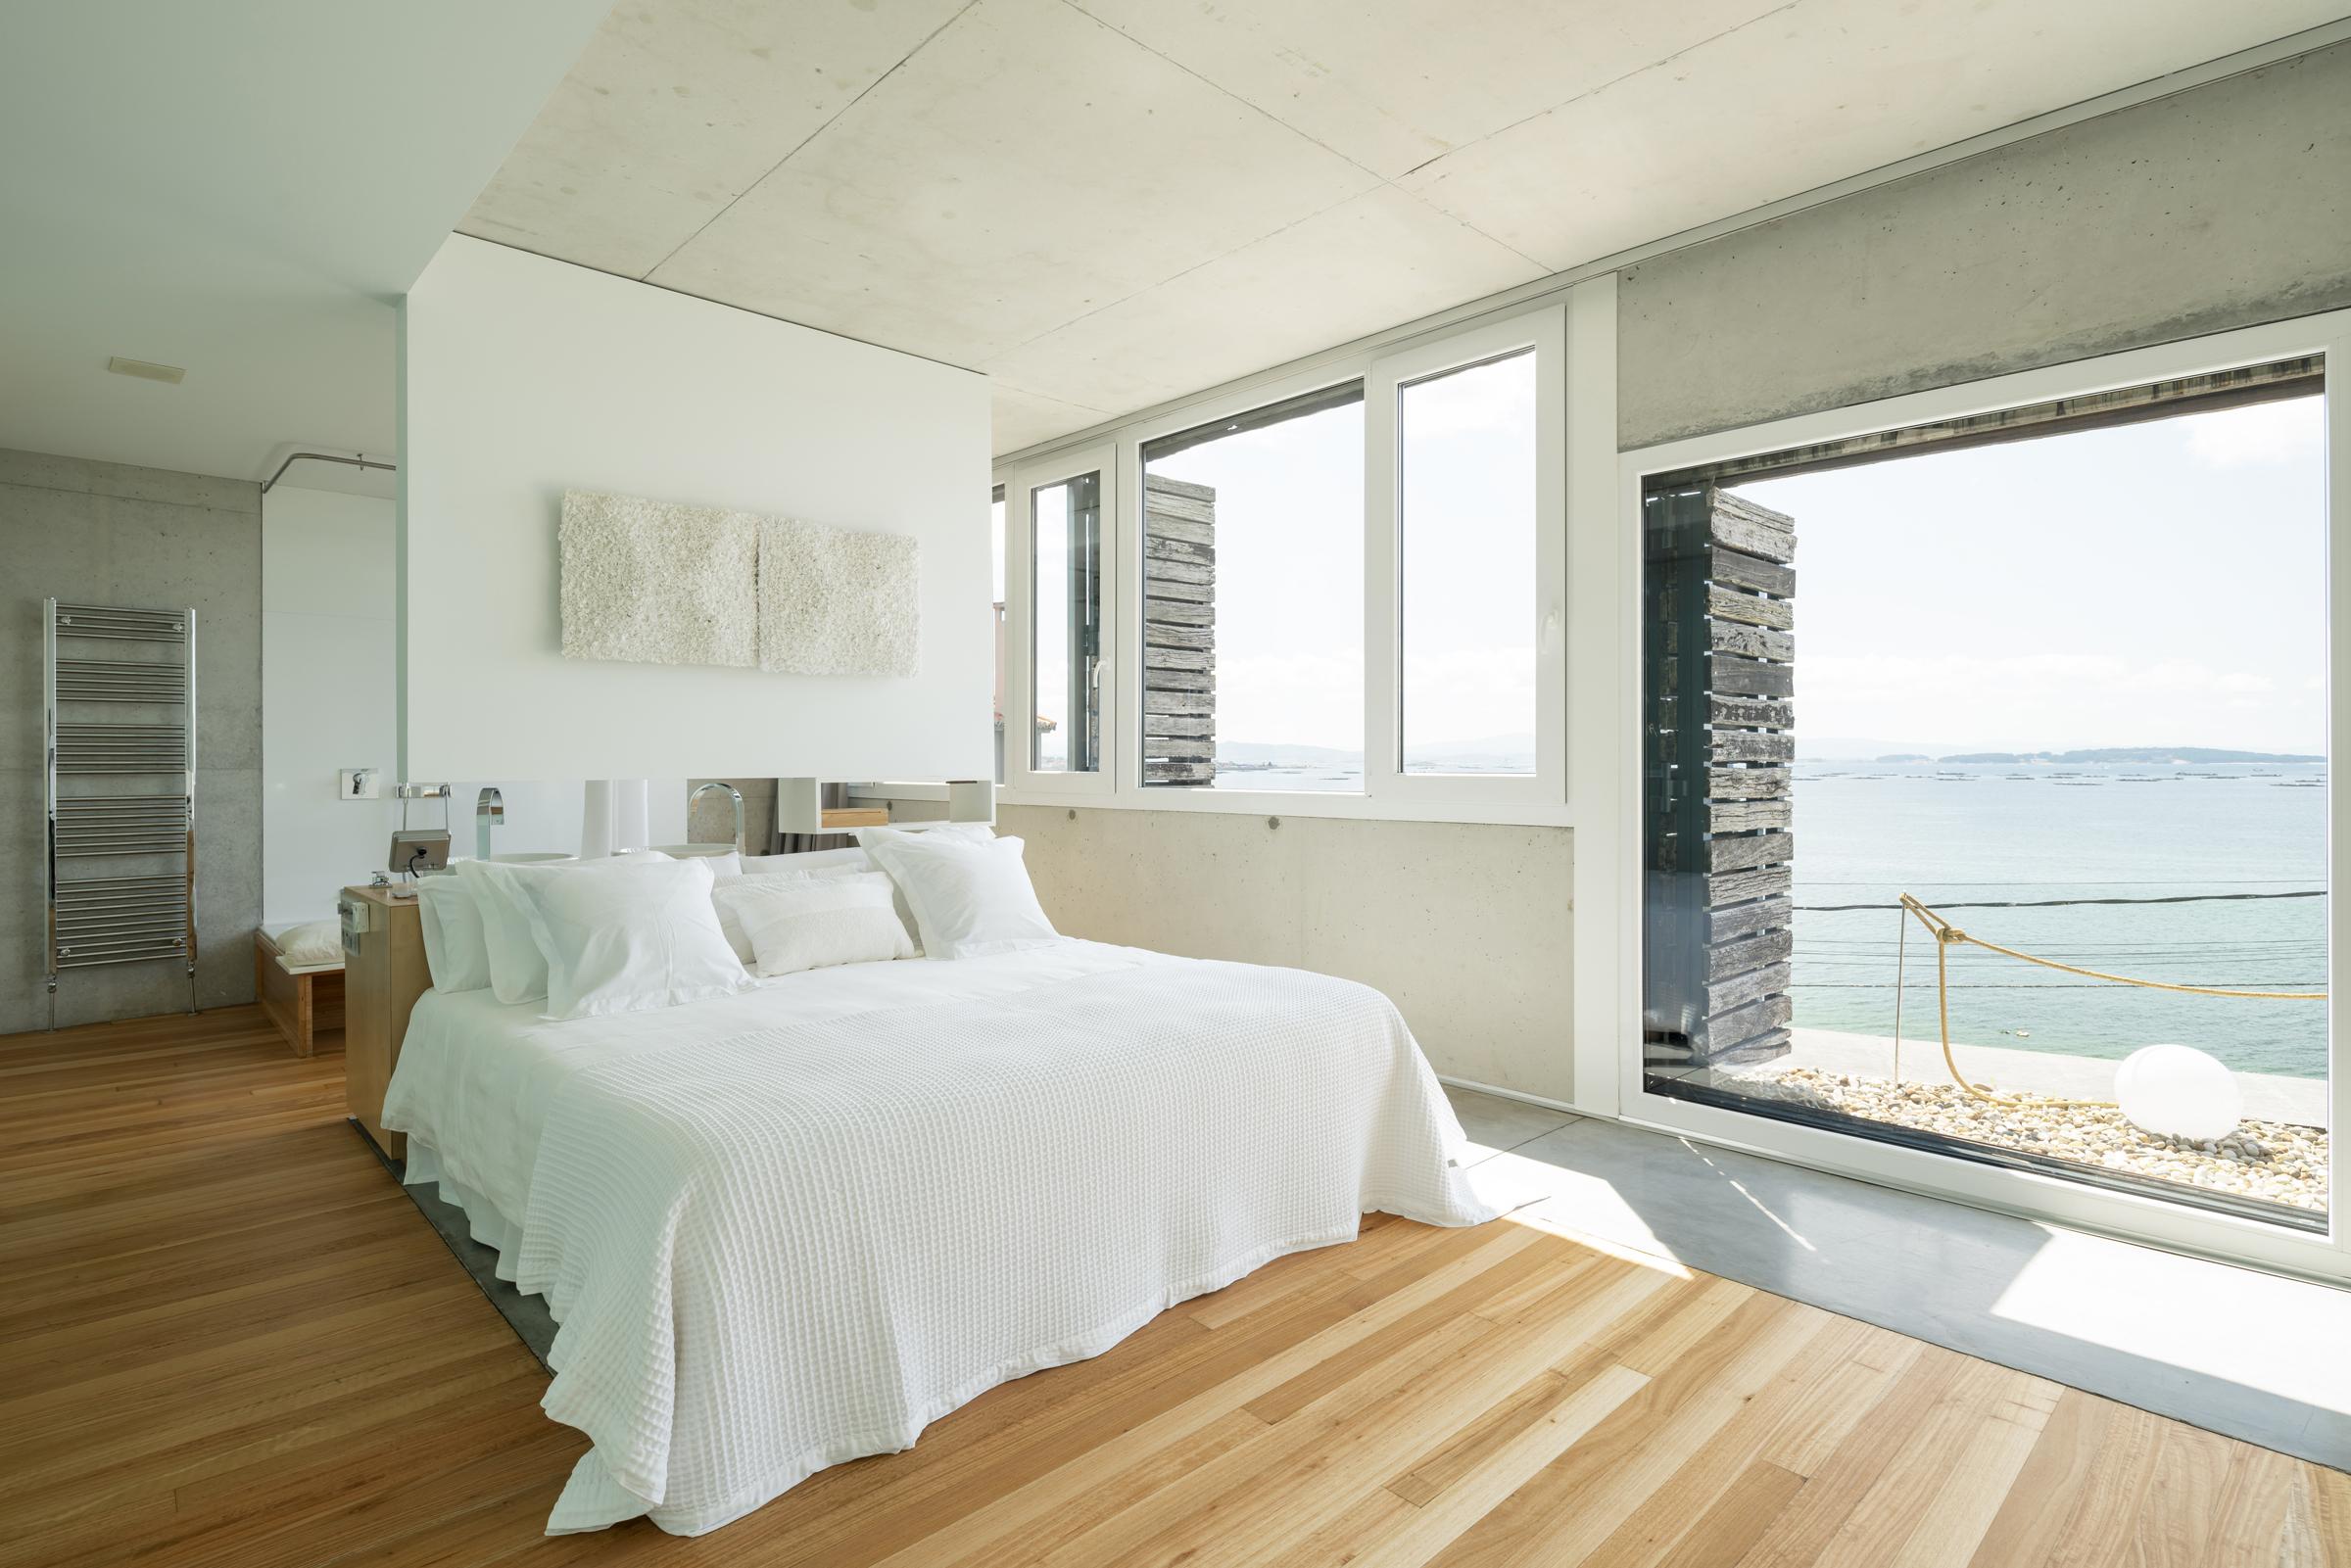 dezanove-house-luxury-villa-galicia-master-2